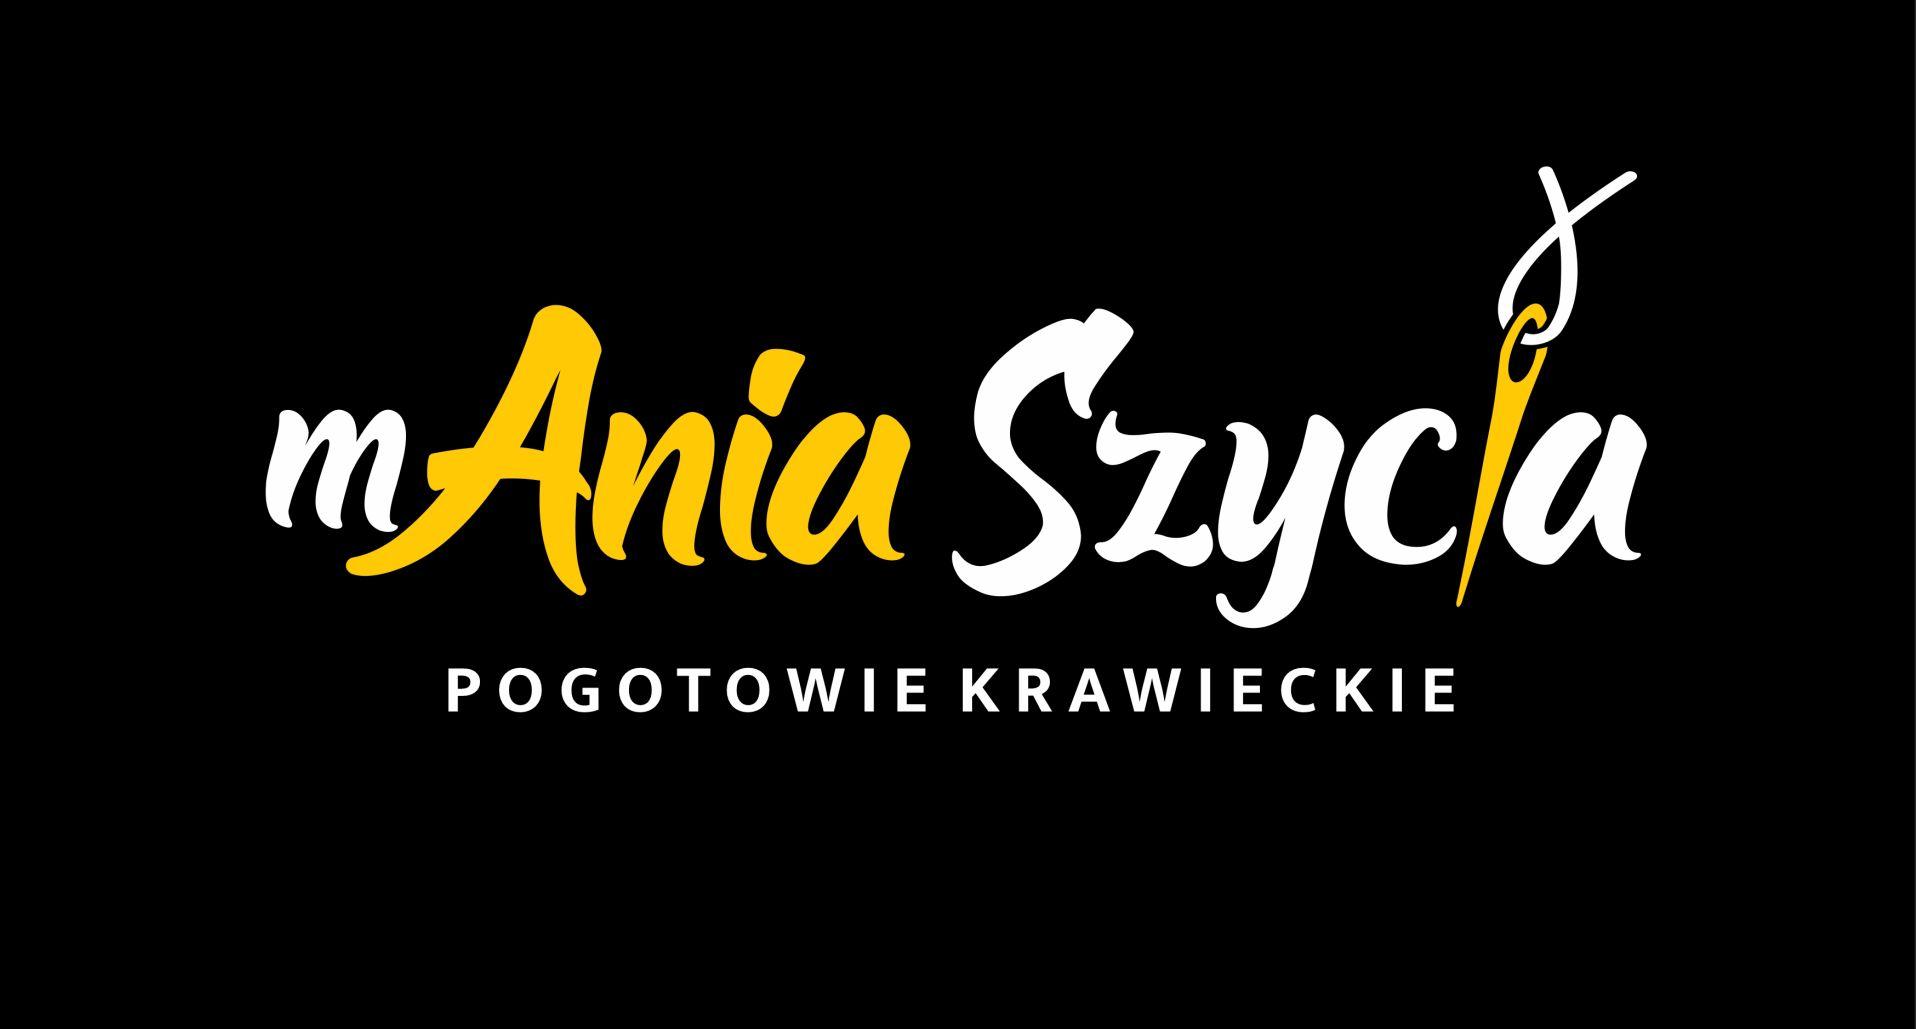 Wykonanie logo dla Mania Szycia